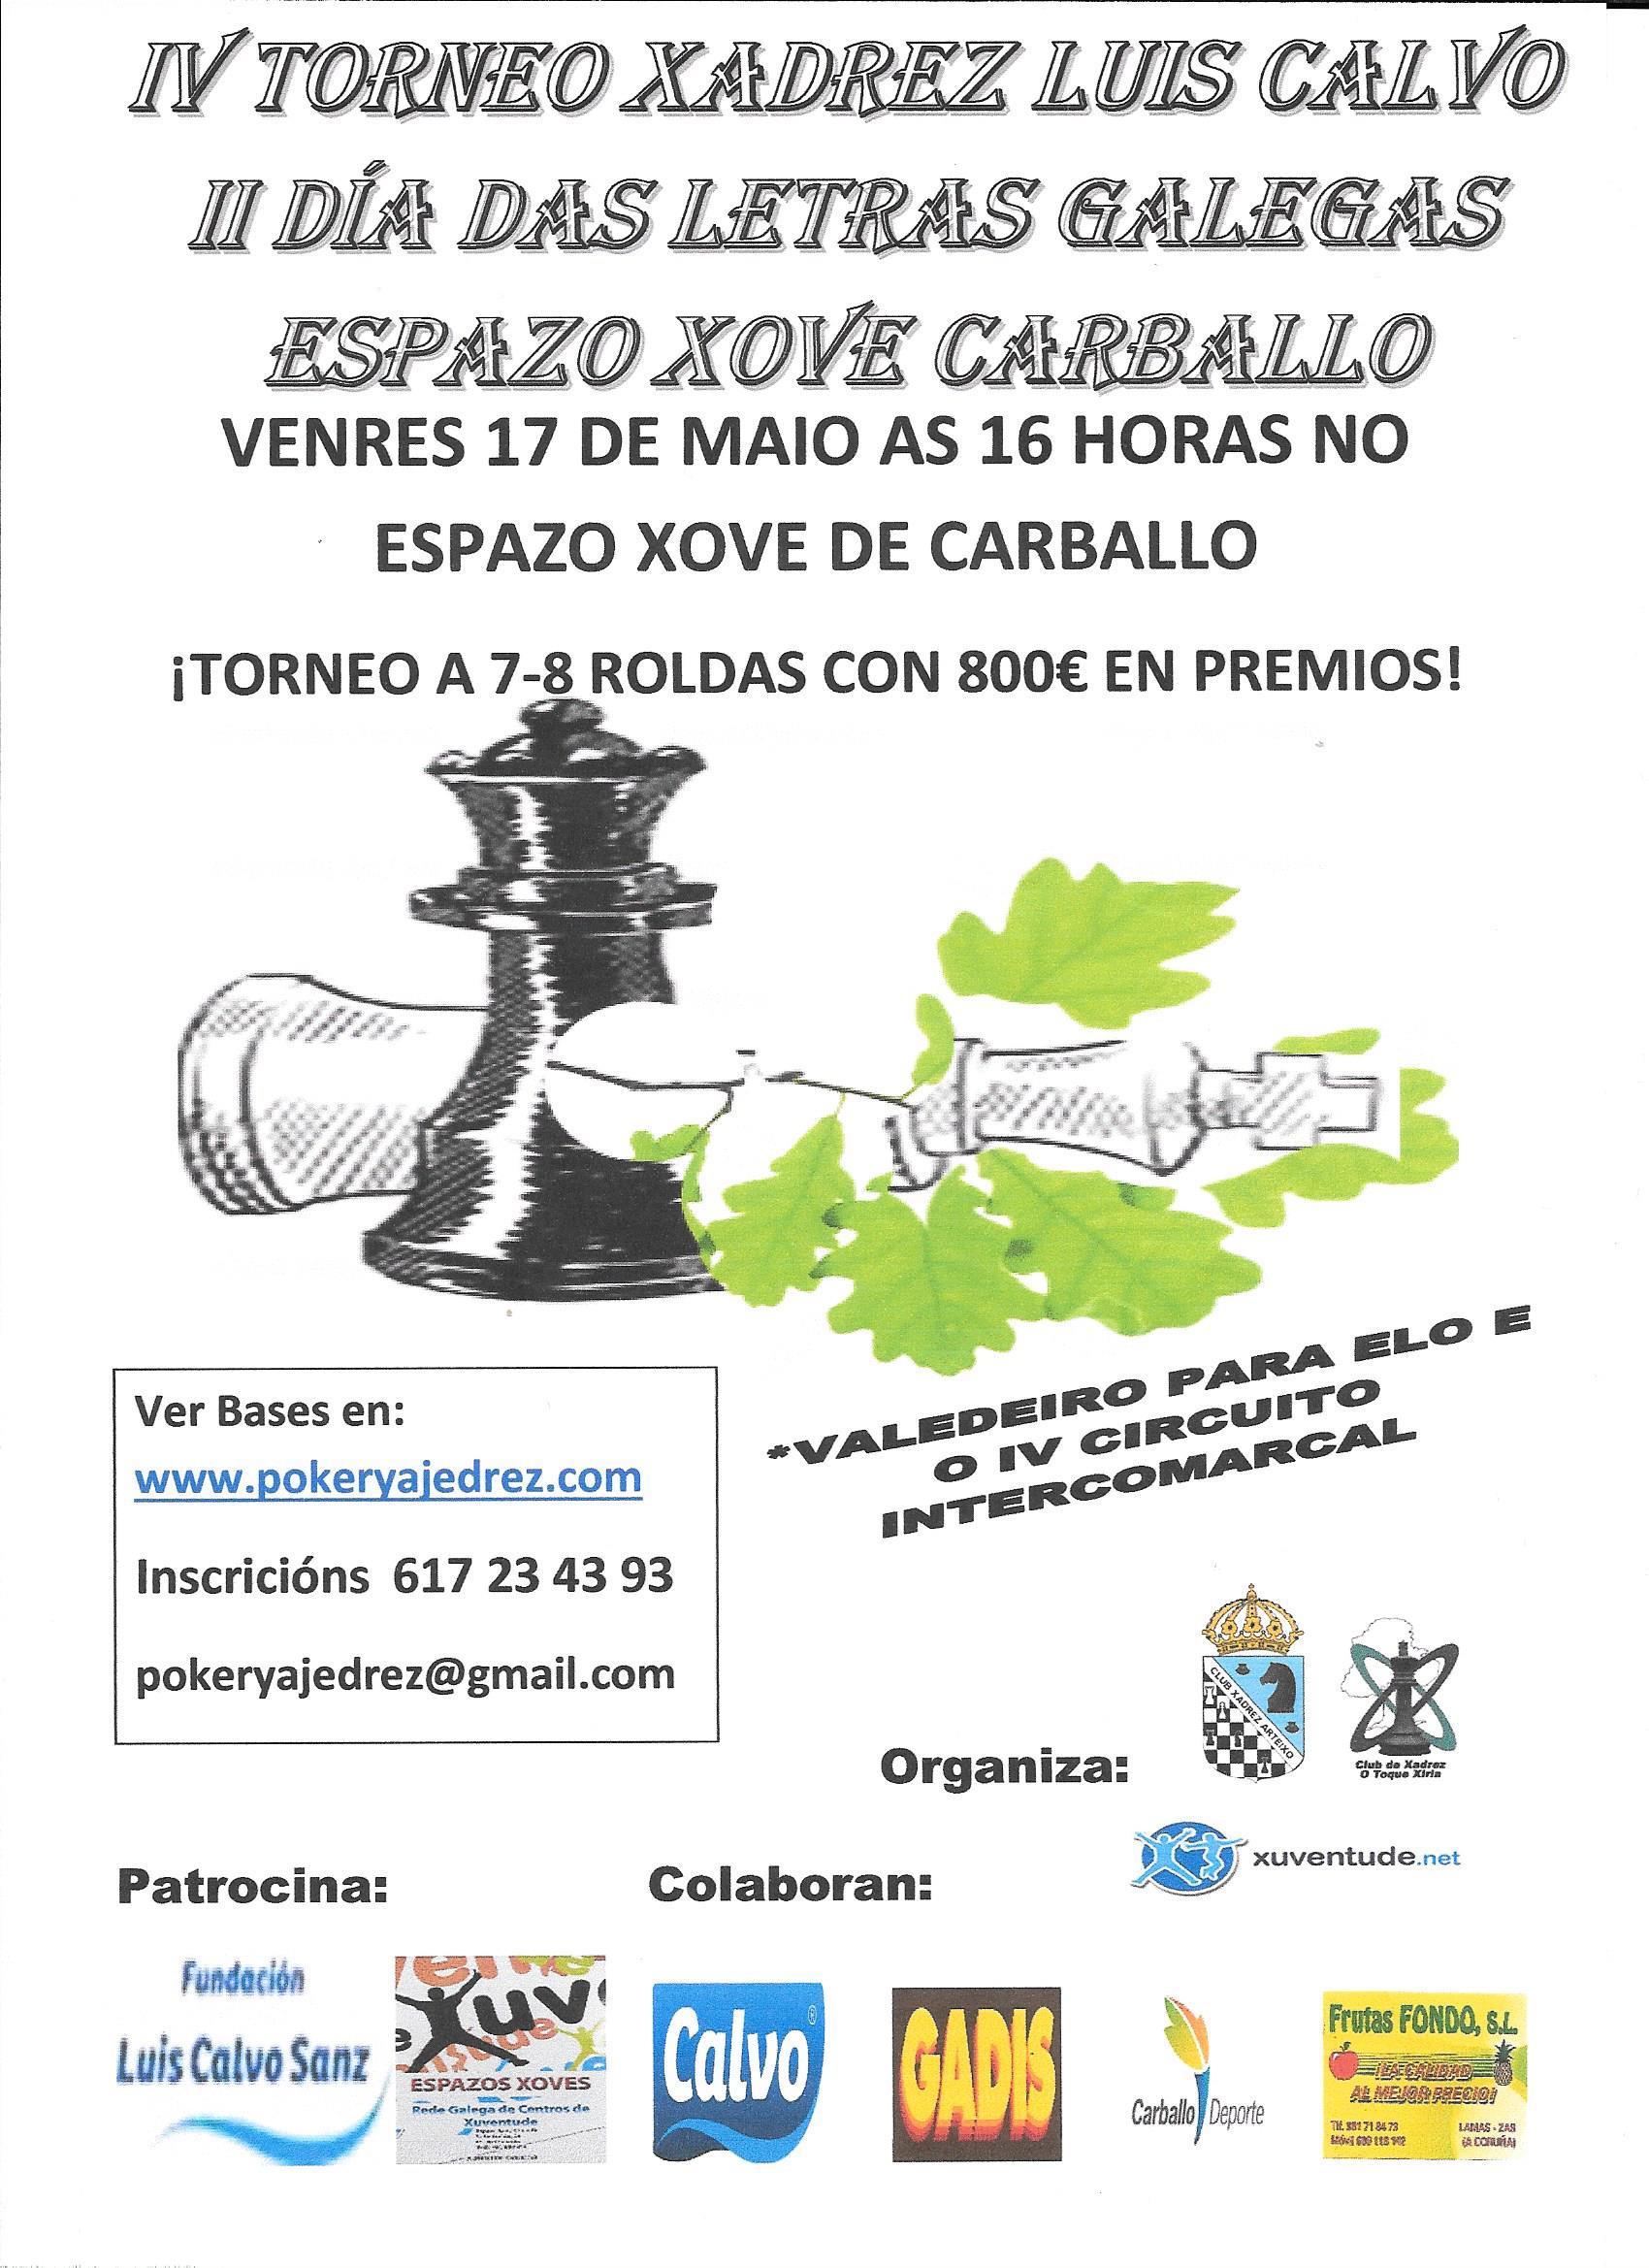 IV Torneo Fundación Calvo - II Dia das Letras Galegas Espazo Xove Carballo